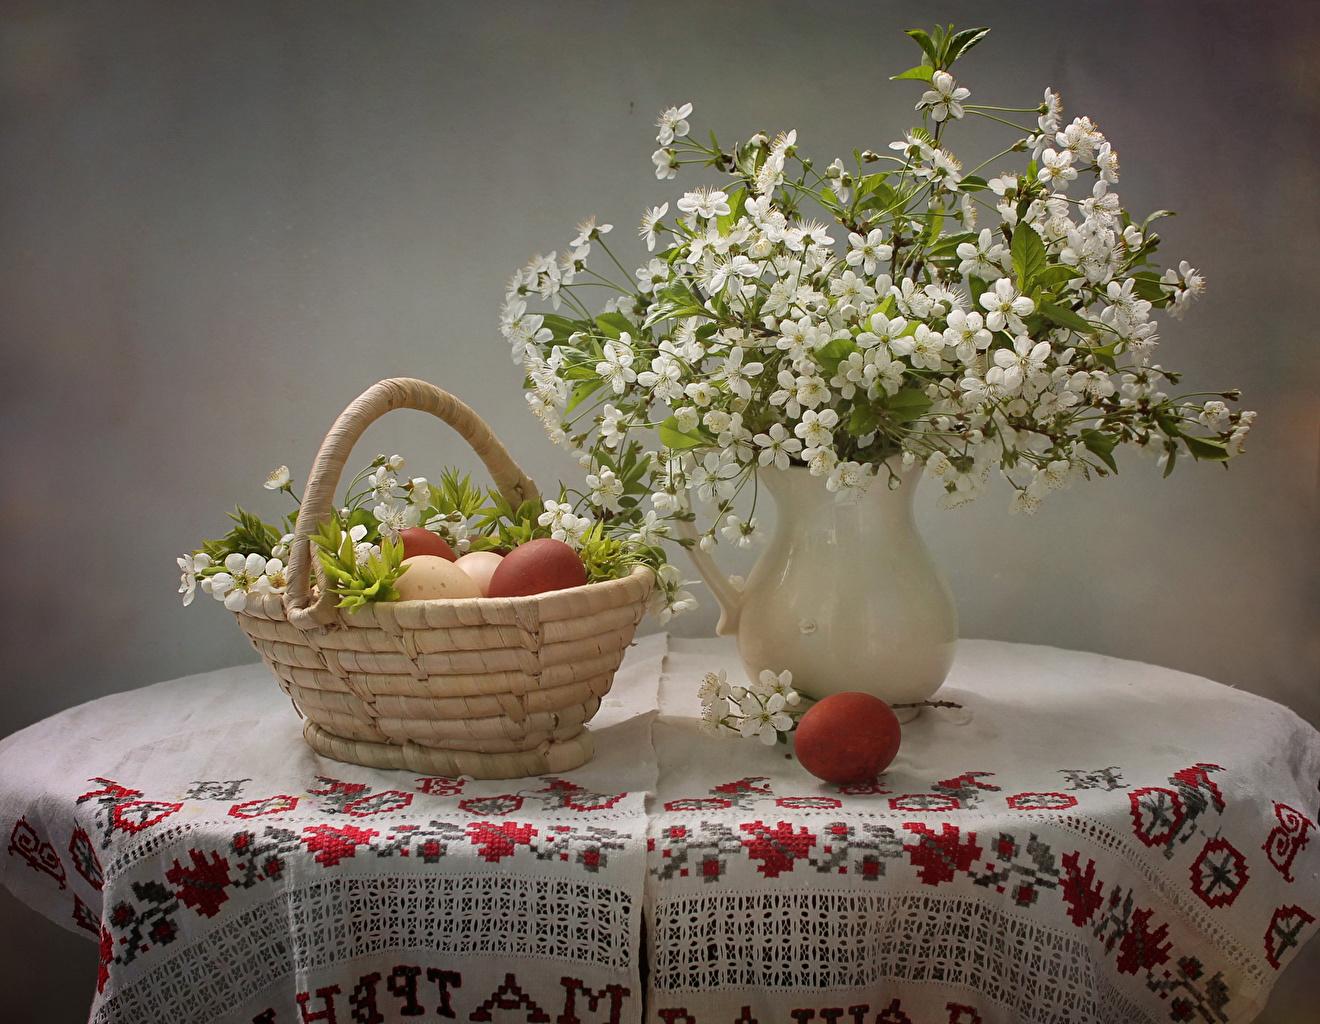 Обои для рабочего стола Яйца Цветы Корзина вазы Стол ветка Натюрморт Цветущие деревья яиц яйцо яйцами цветок корзины Корзинка вазе Ваза стола столы Ветки ветвь на ветке